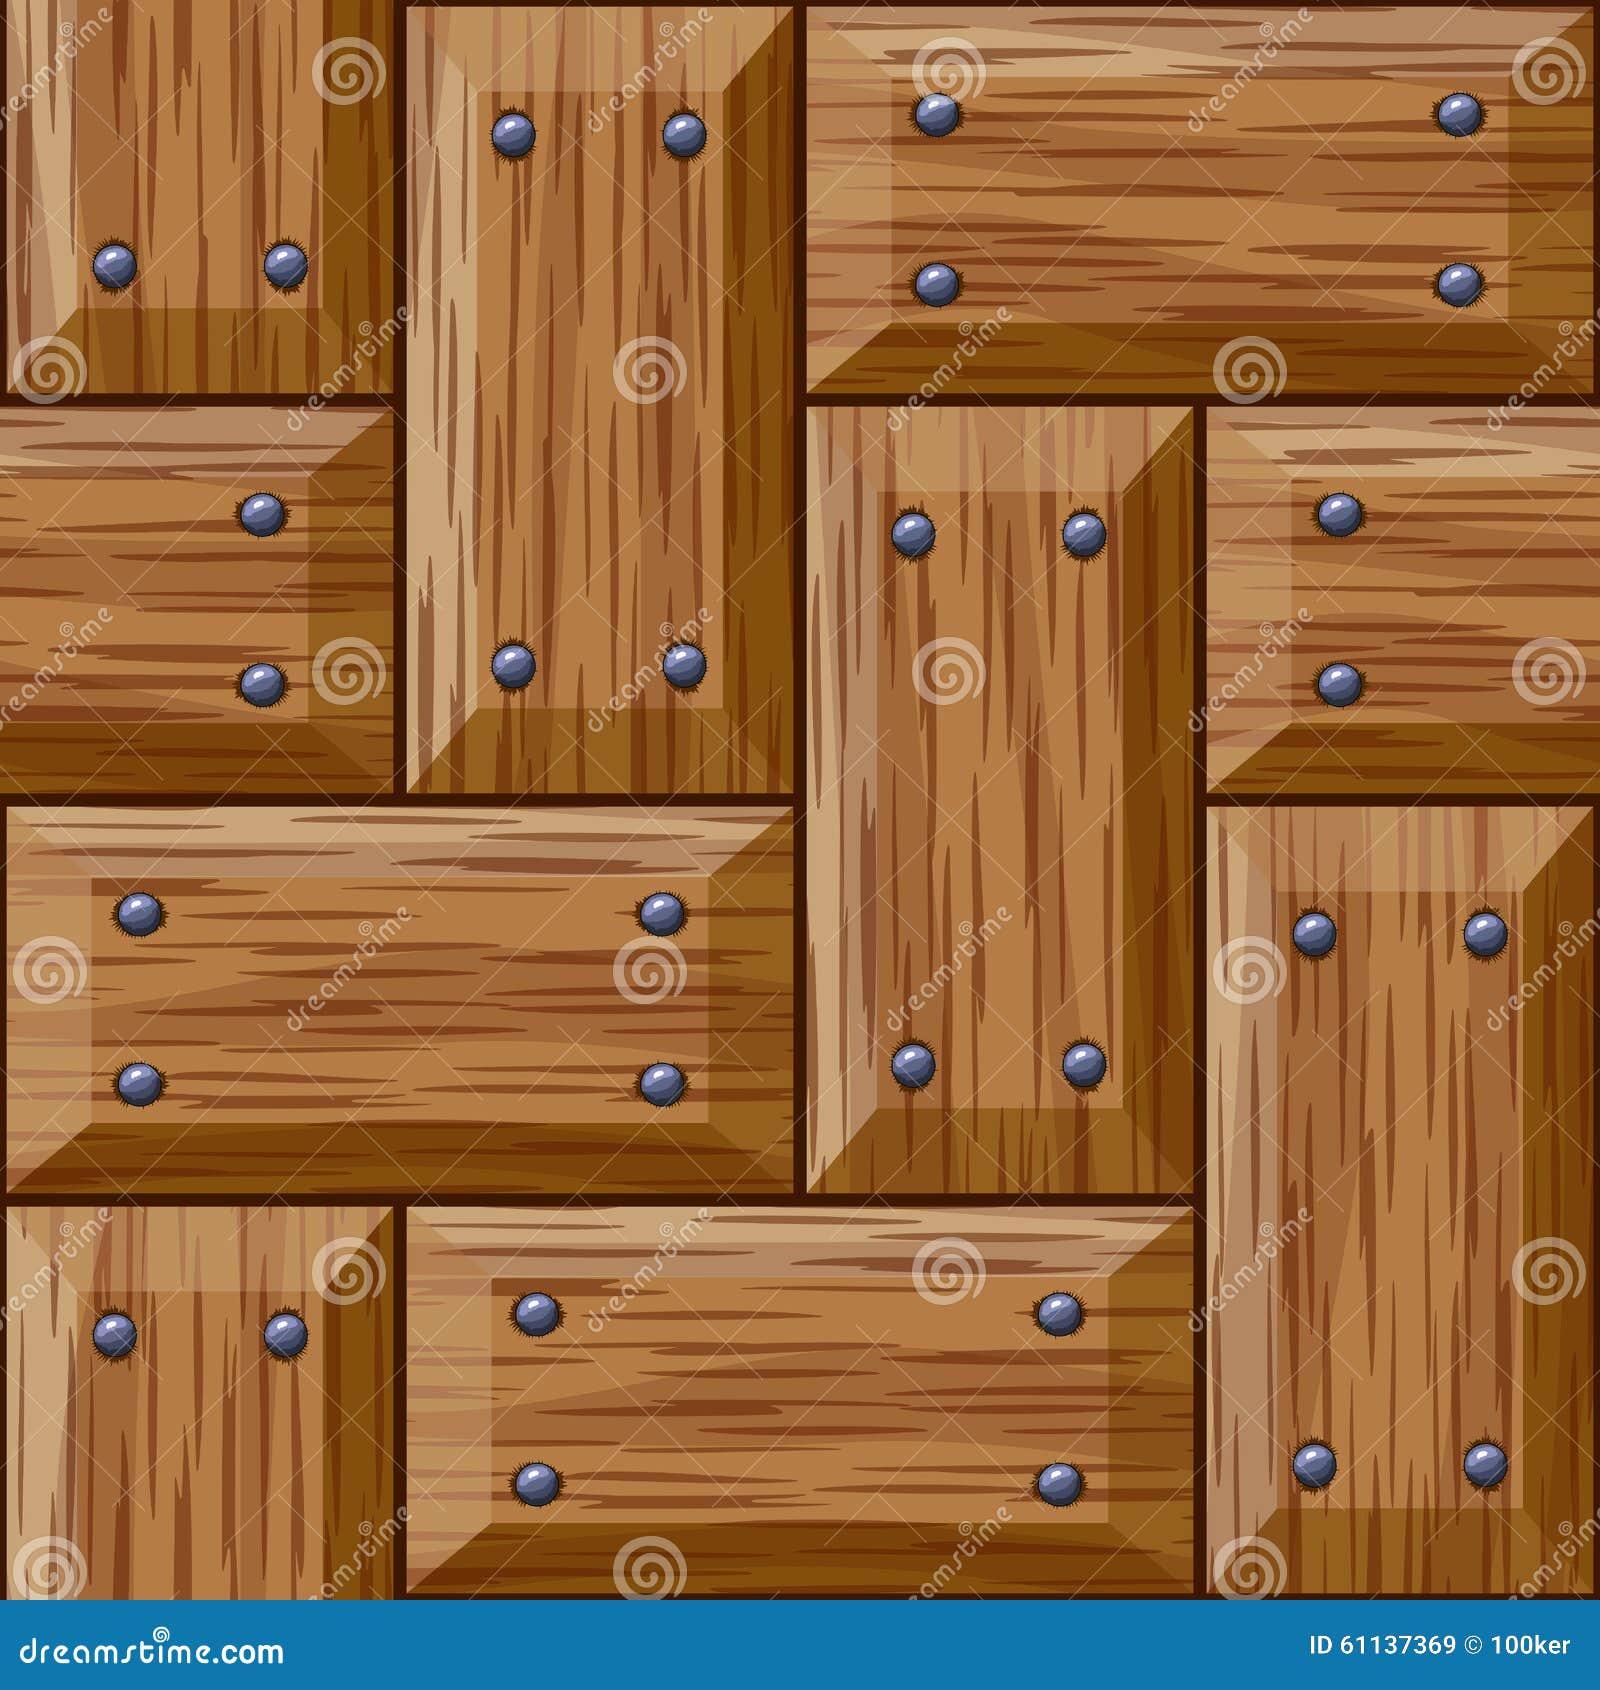 Door Wood Texture Seamless : Seamless Wooden Panel Door Texture With Nails Stock Vector - Image ...